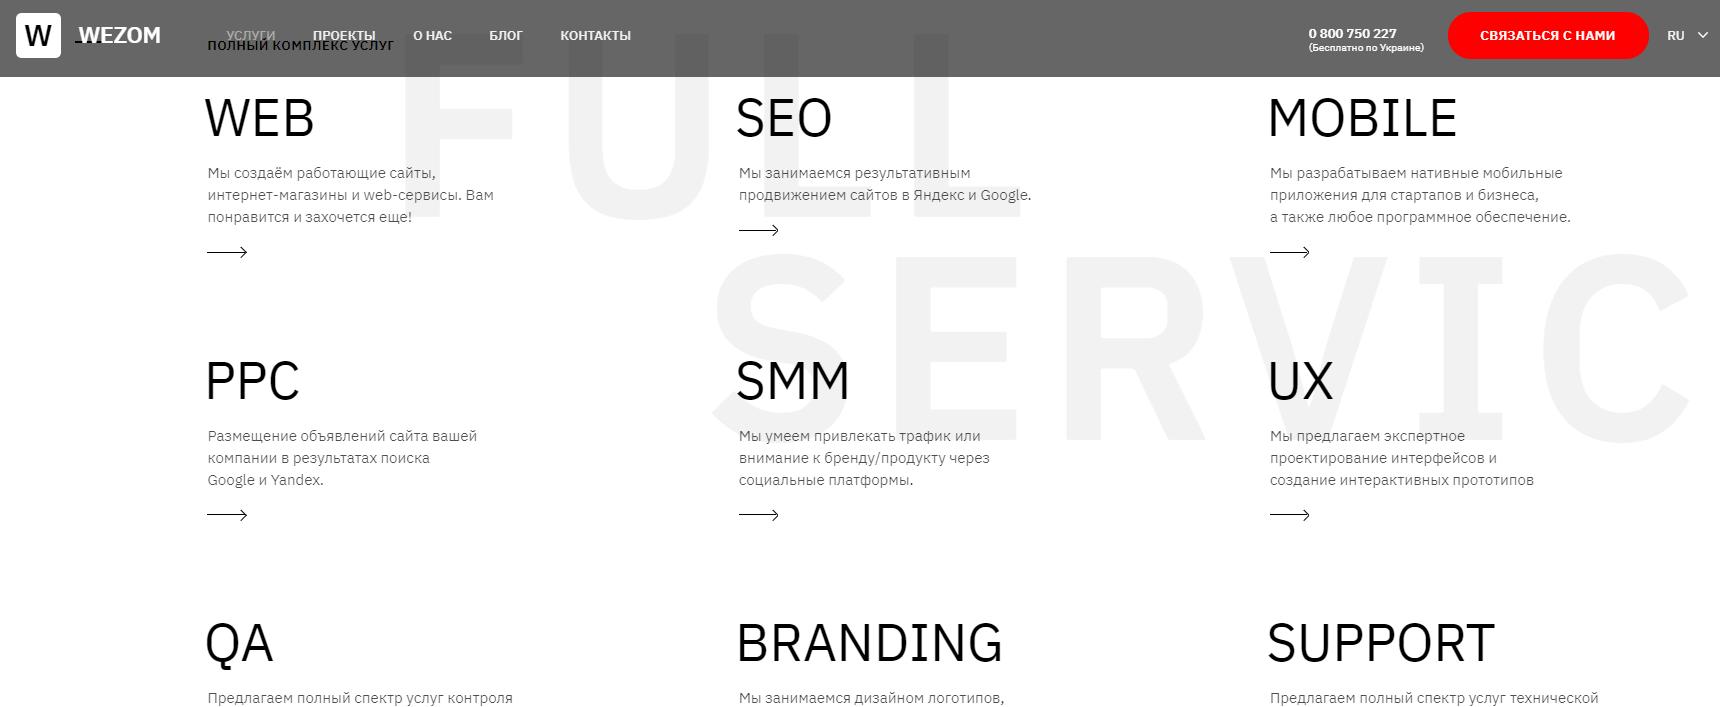 WEZOM - обзор компании, услуги, отзывы, клиенты | Google SEO, Фото № 4 - google-seo.pro